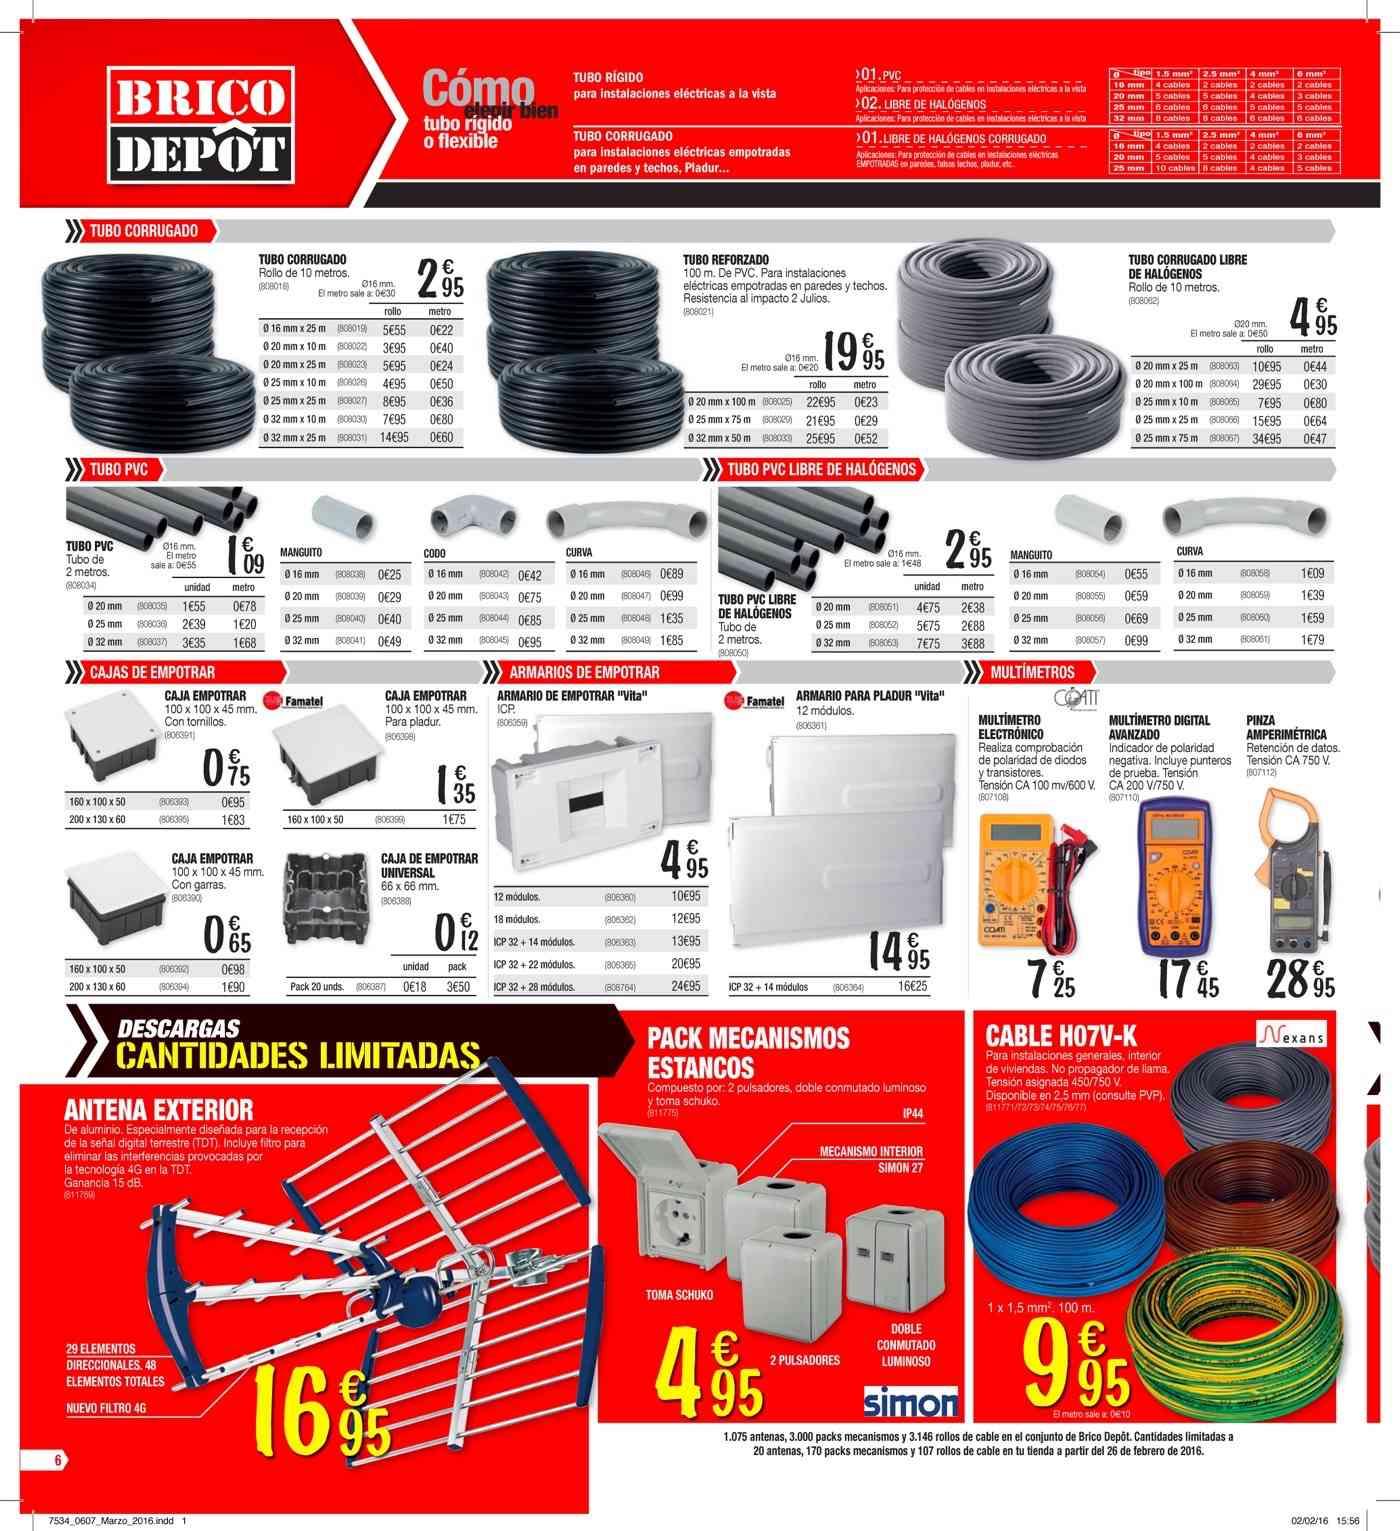 Catalogo De Brico Depot Modulos De Cocina En Brico Depot Con  # Muebles Lavabo Bricodepot